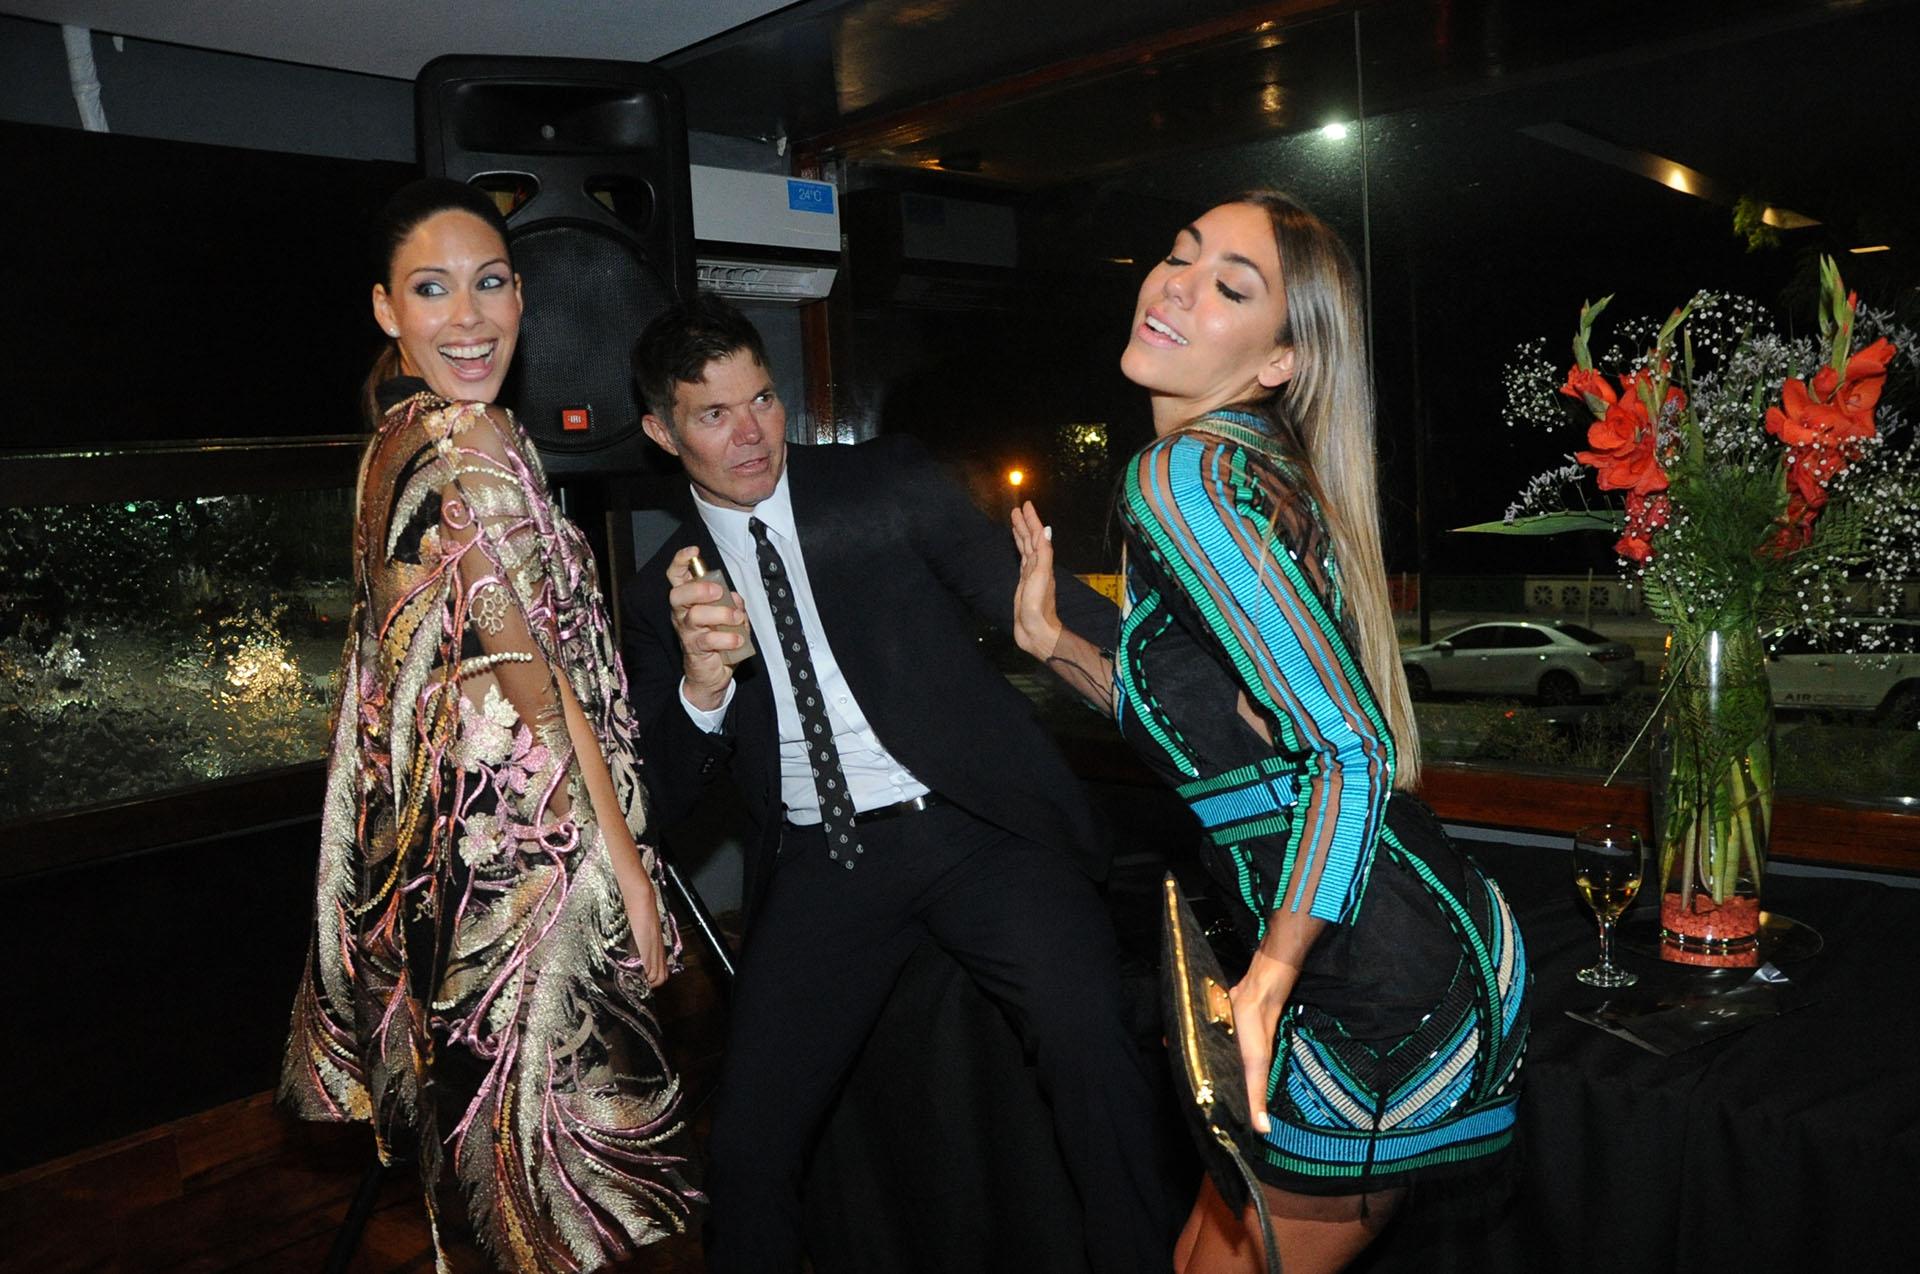 Fernando Burlando le tira perfume a Floppy Tesouro, mientras Barby Franco se ríe